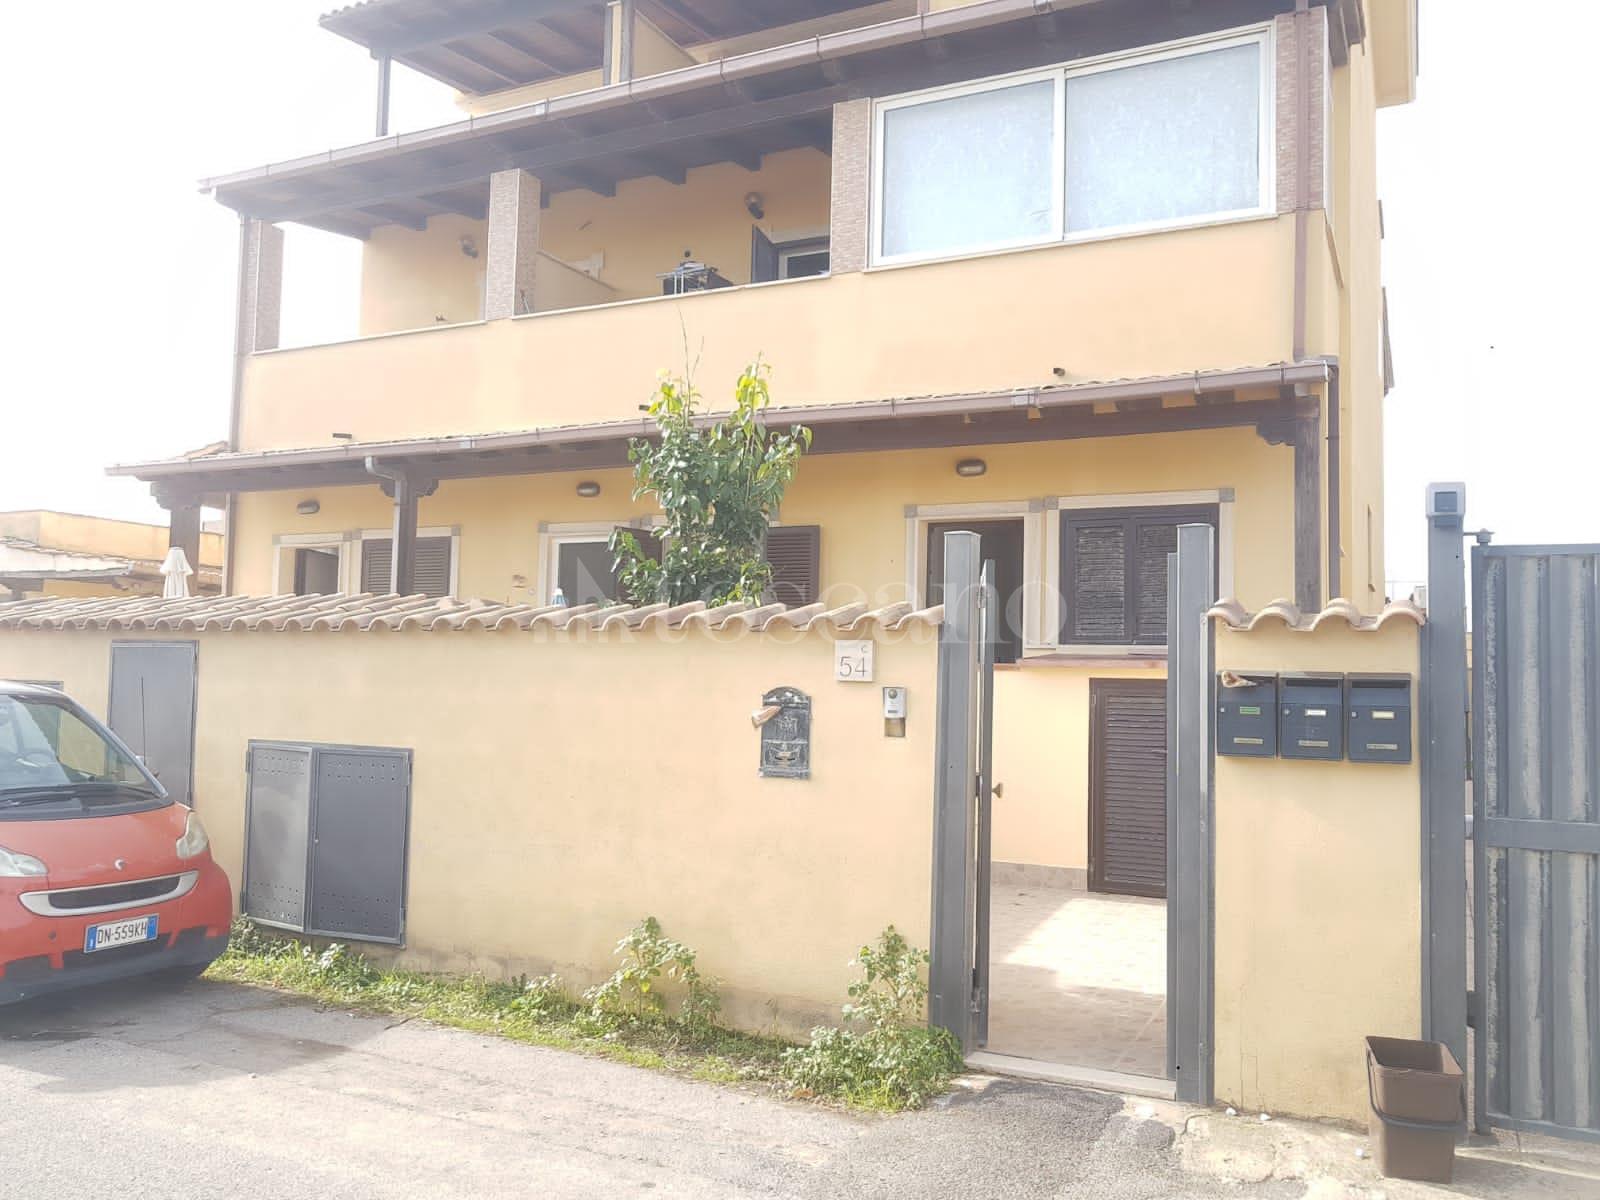 Casa in vendita di 55 mq a €149.000 (rif. 78/2020)